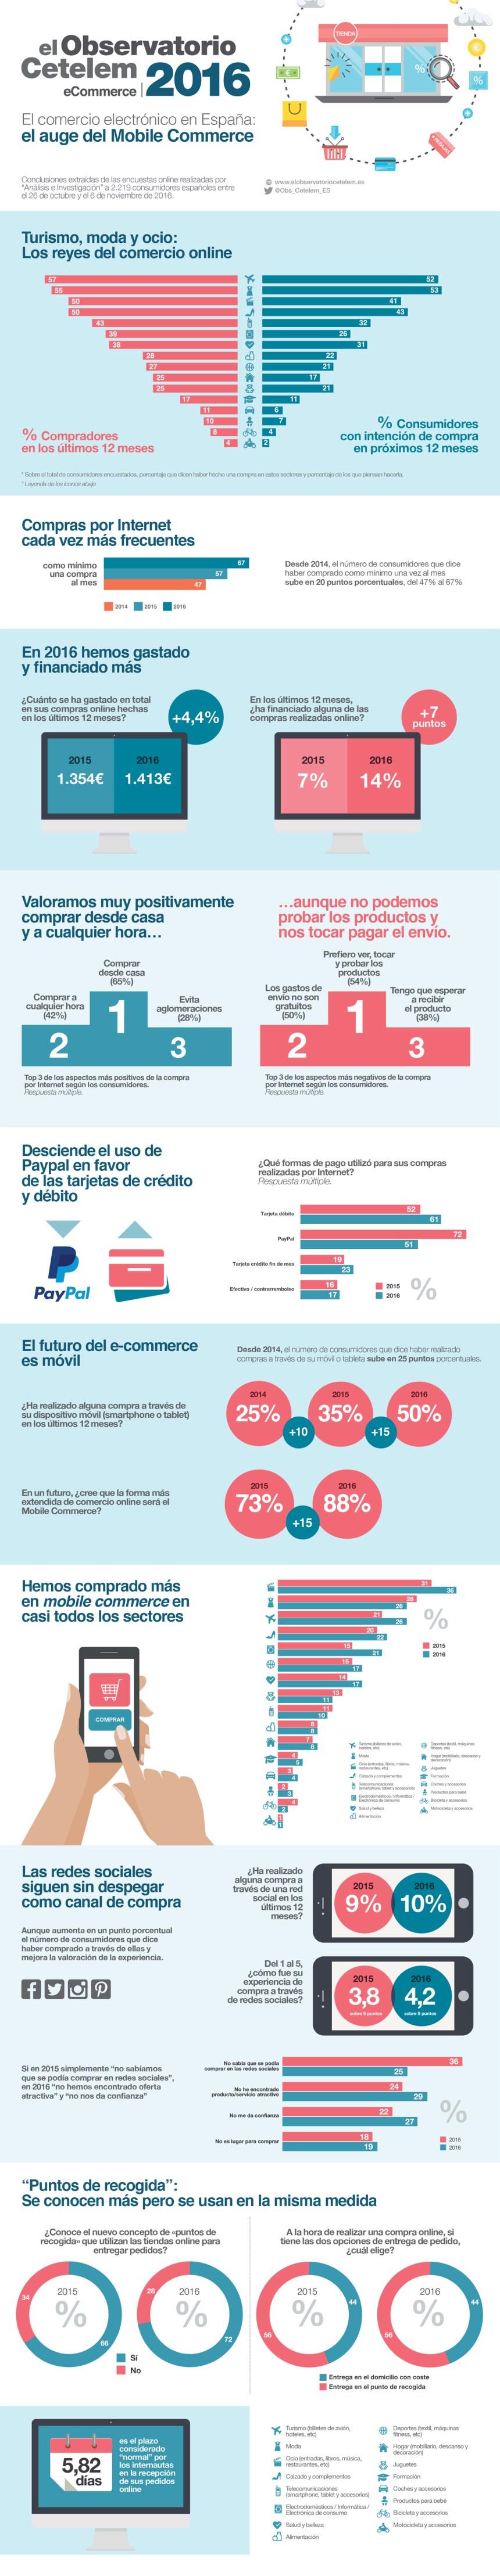 El auge del mobile commerce en España